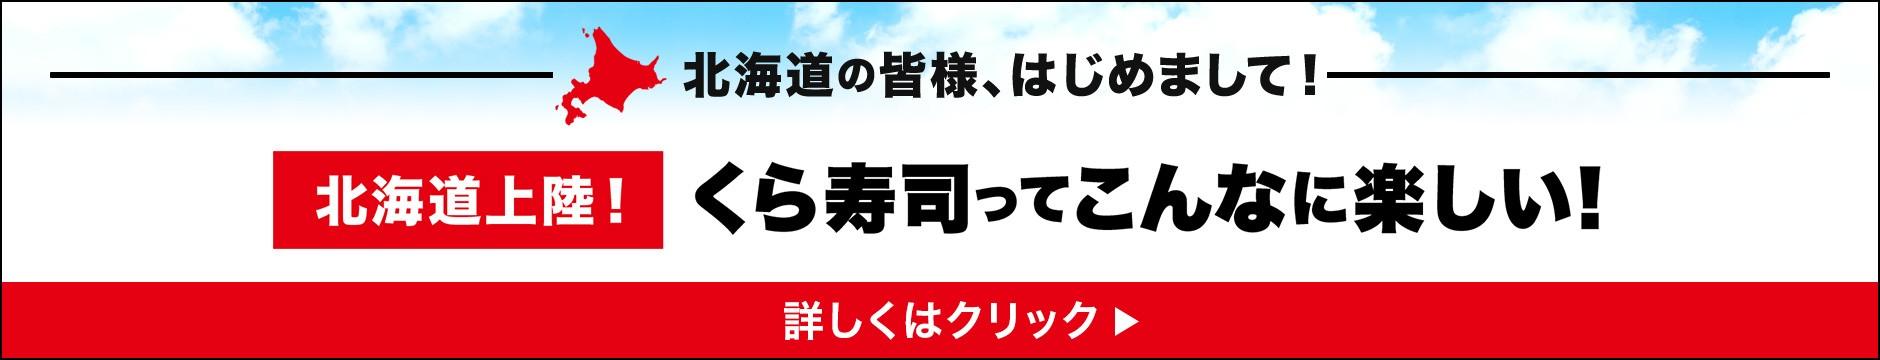 くら寿司 一皿税込110円回転寿司 くら寿司 北海道OPEN!